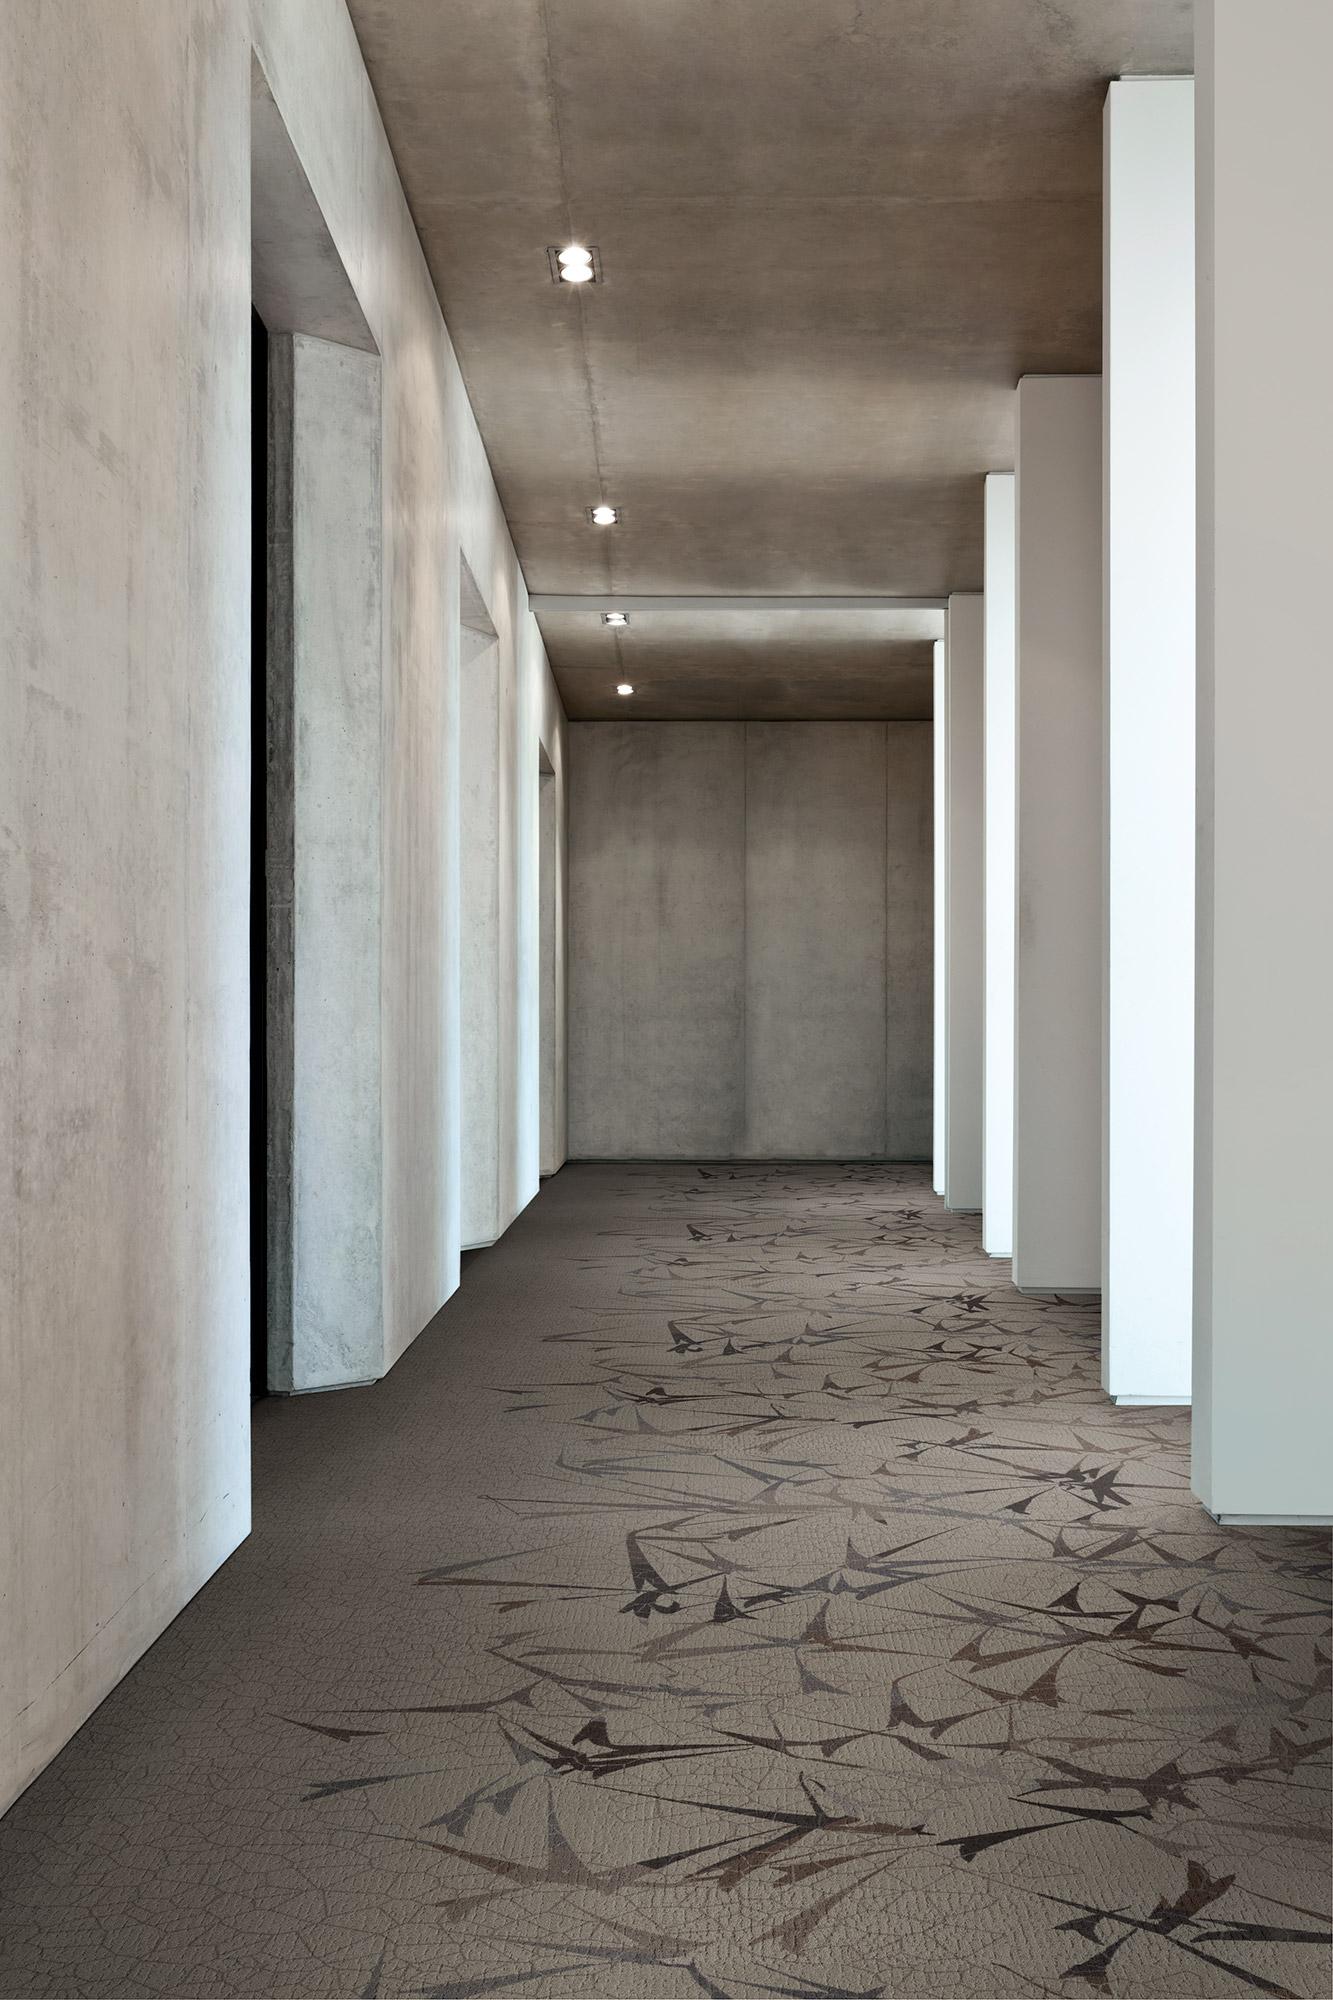 Flourish-Flourish_Edge--Light_Corridor (1)-1.jpg